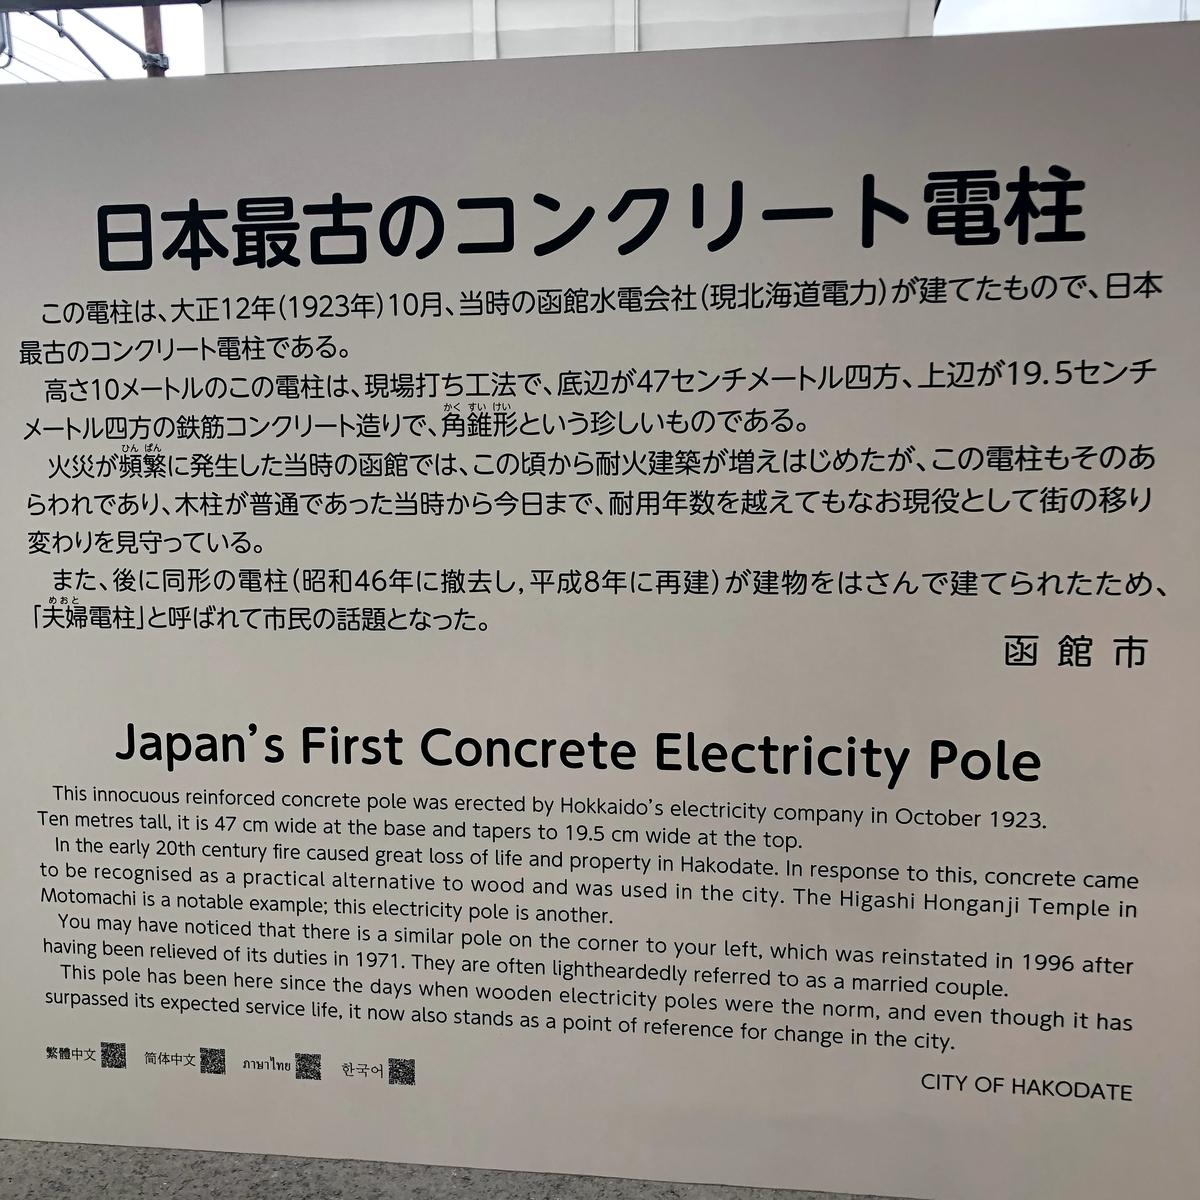 日本最古のコンクリート電柱説明